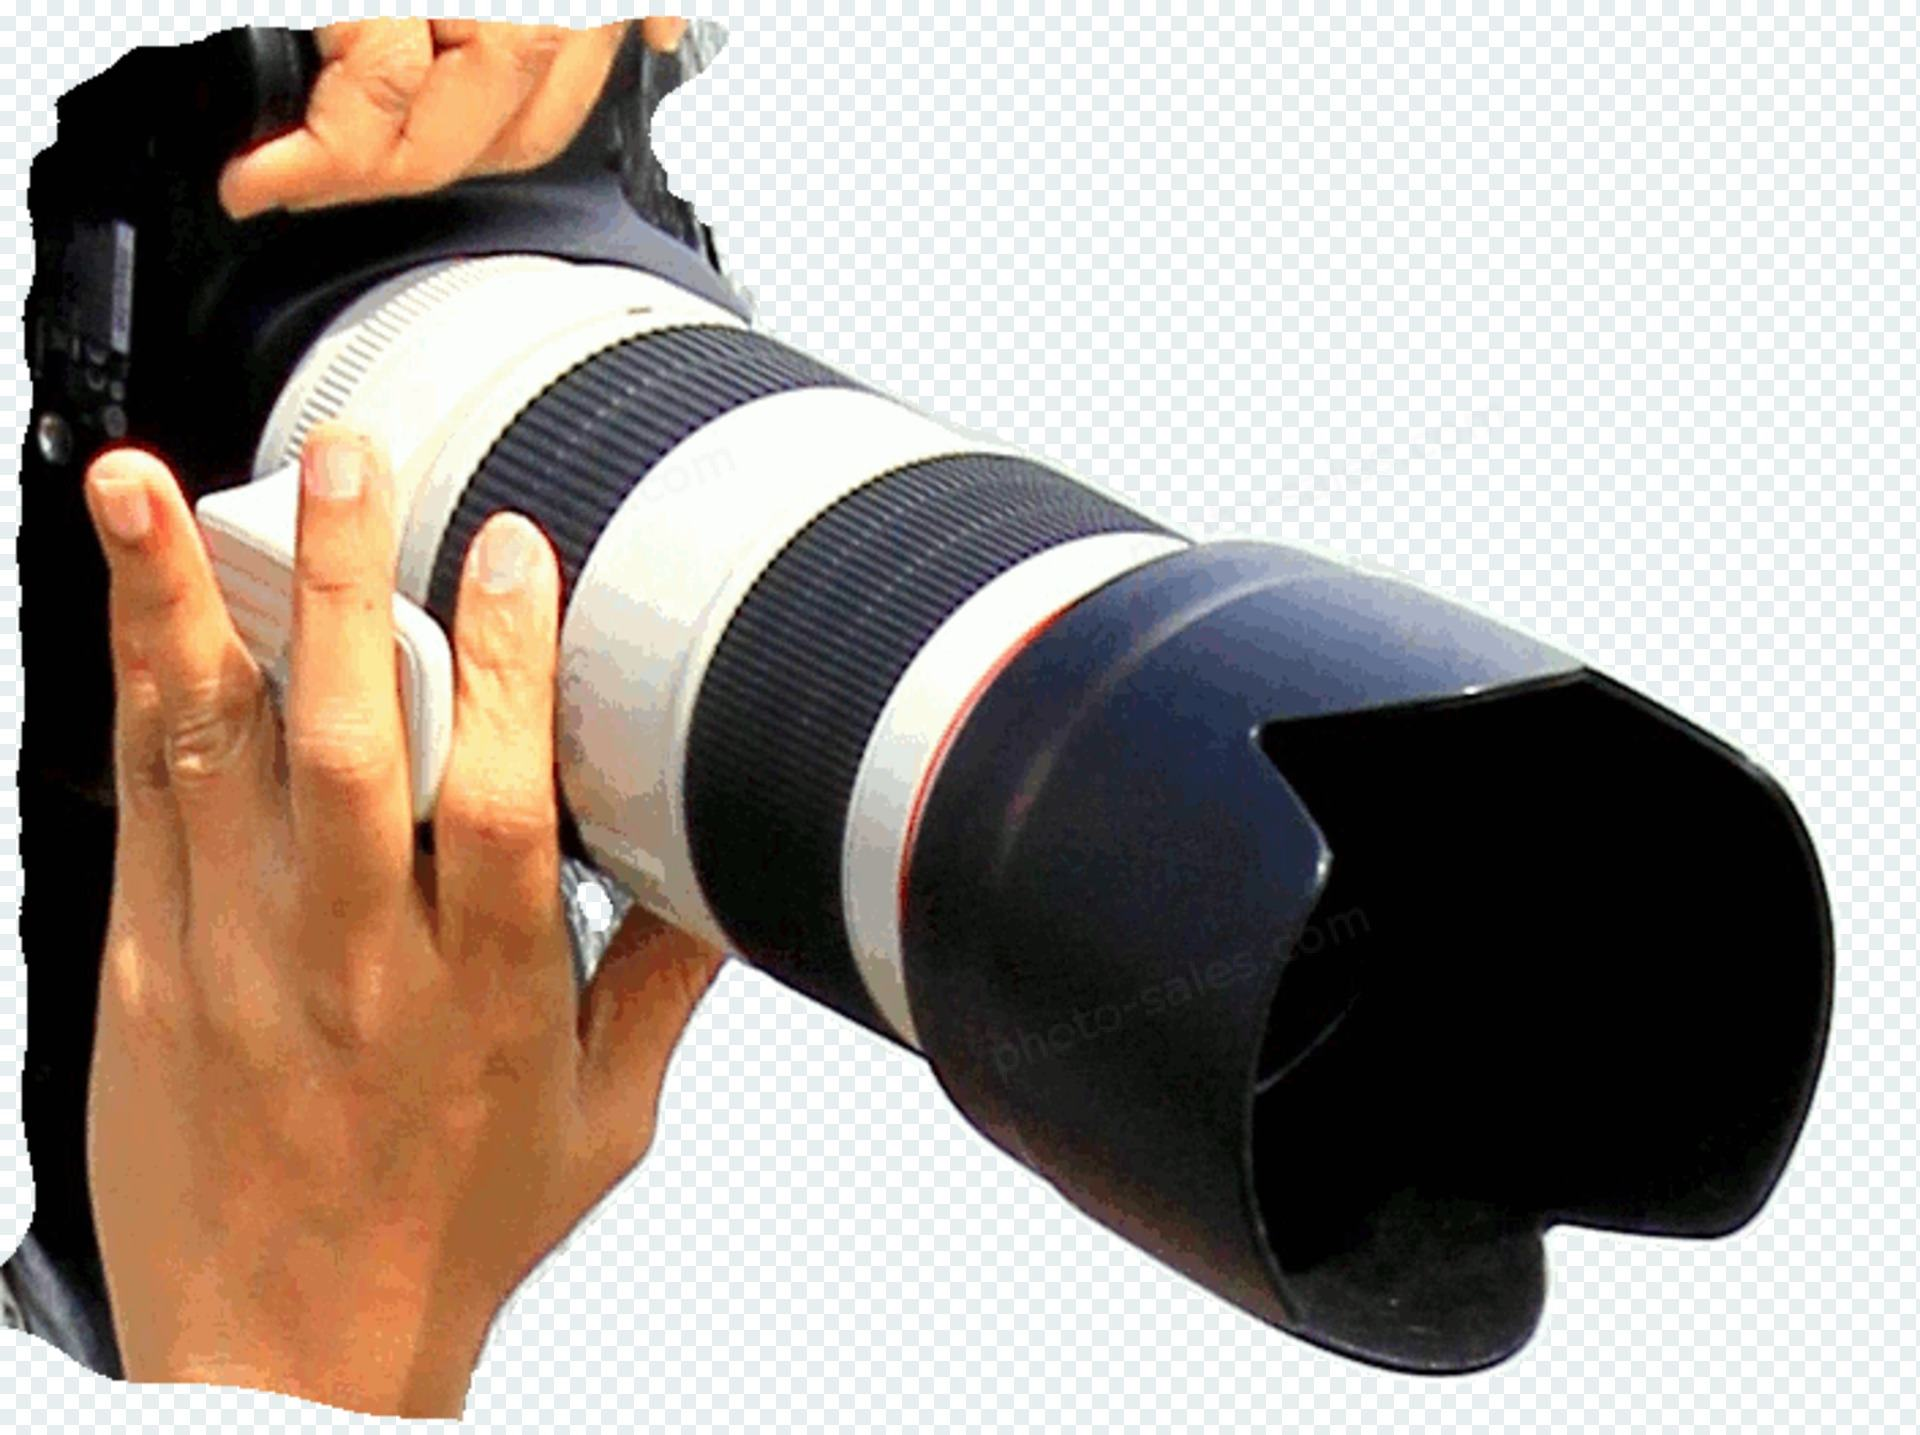 கைகளில் பெரிய லென்ஸ், வெளிப்படைத்தன்மை கொண்ட கேமரா – GIF,